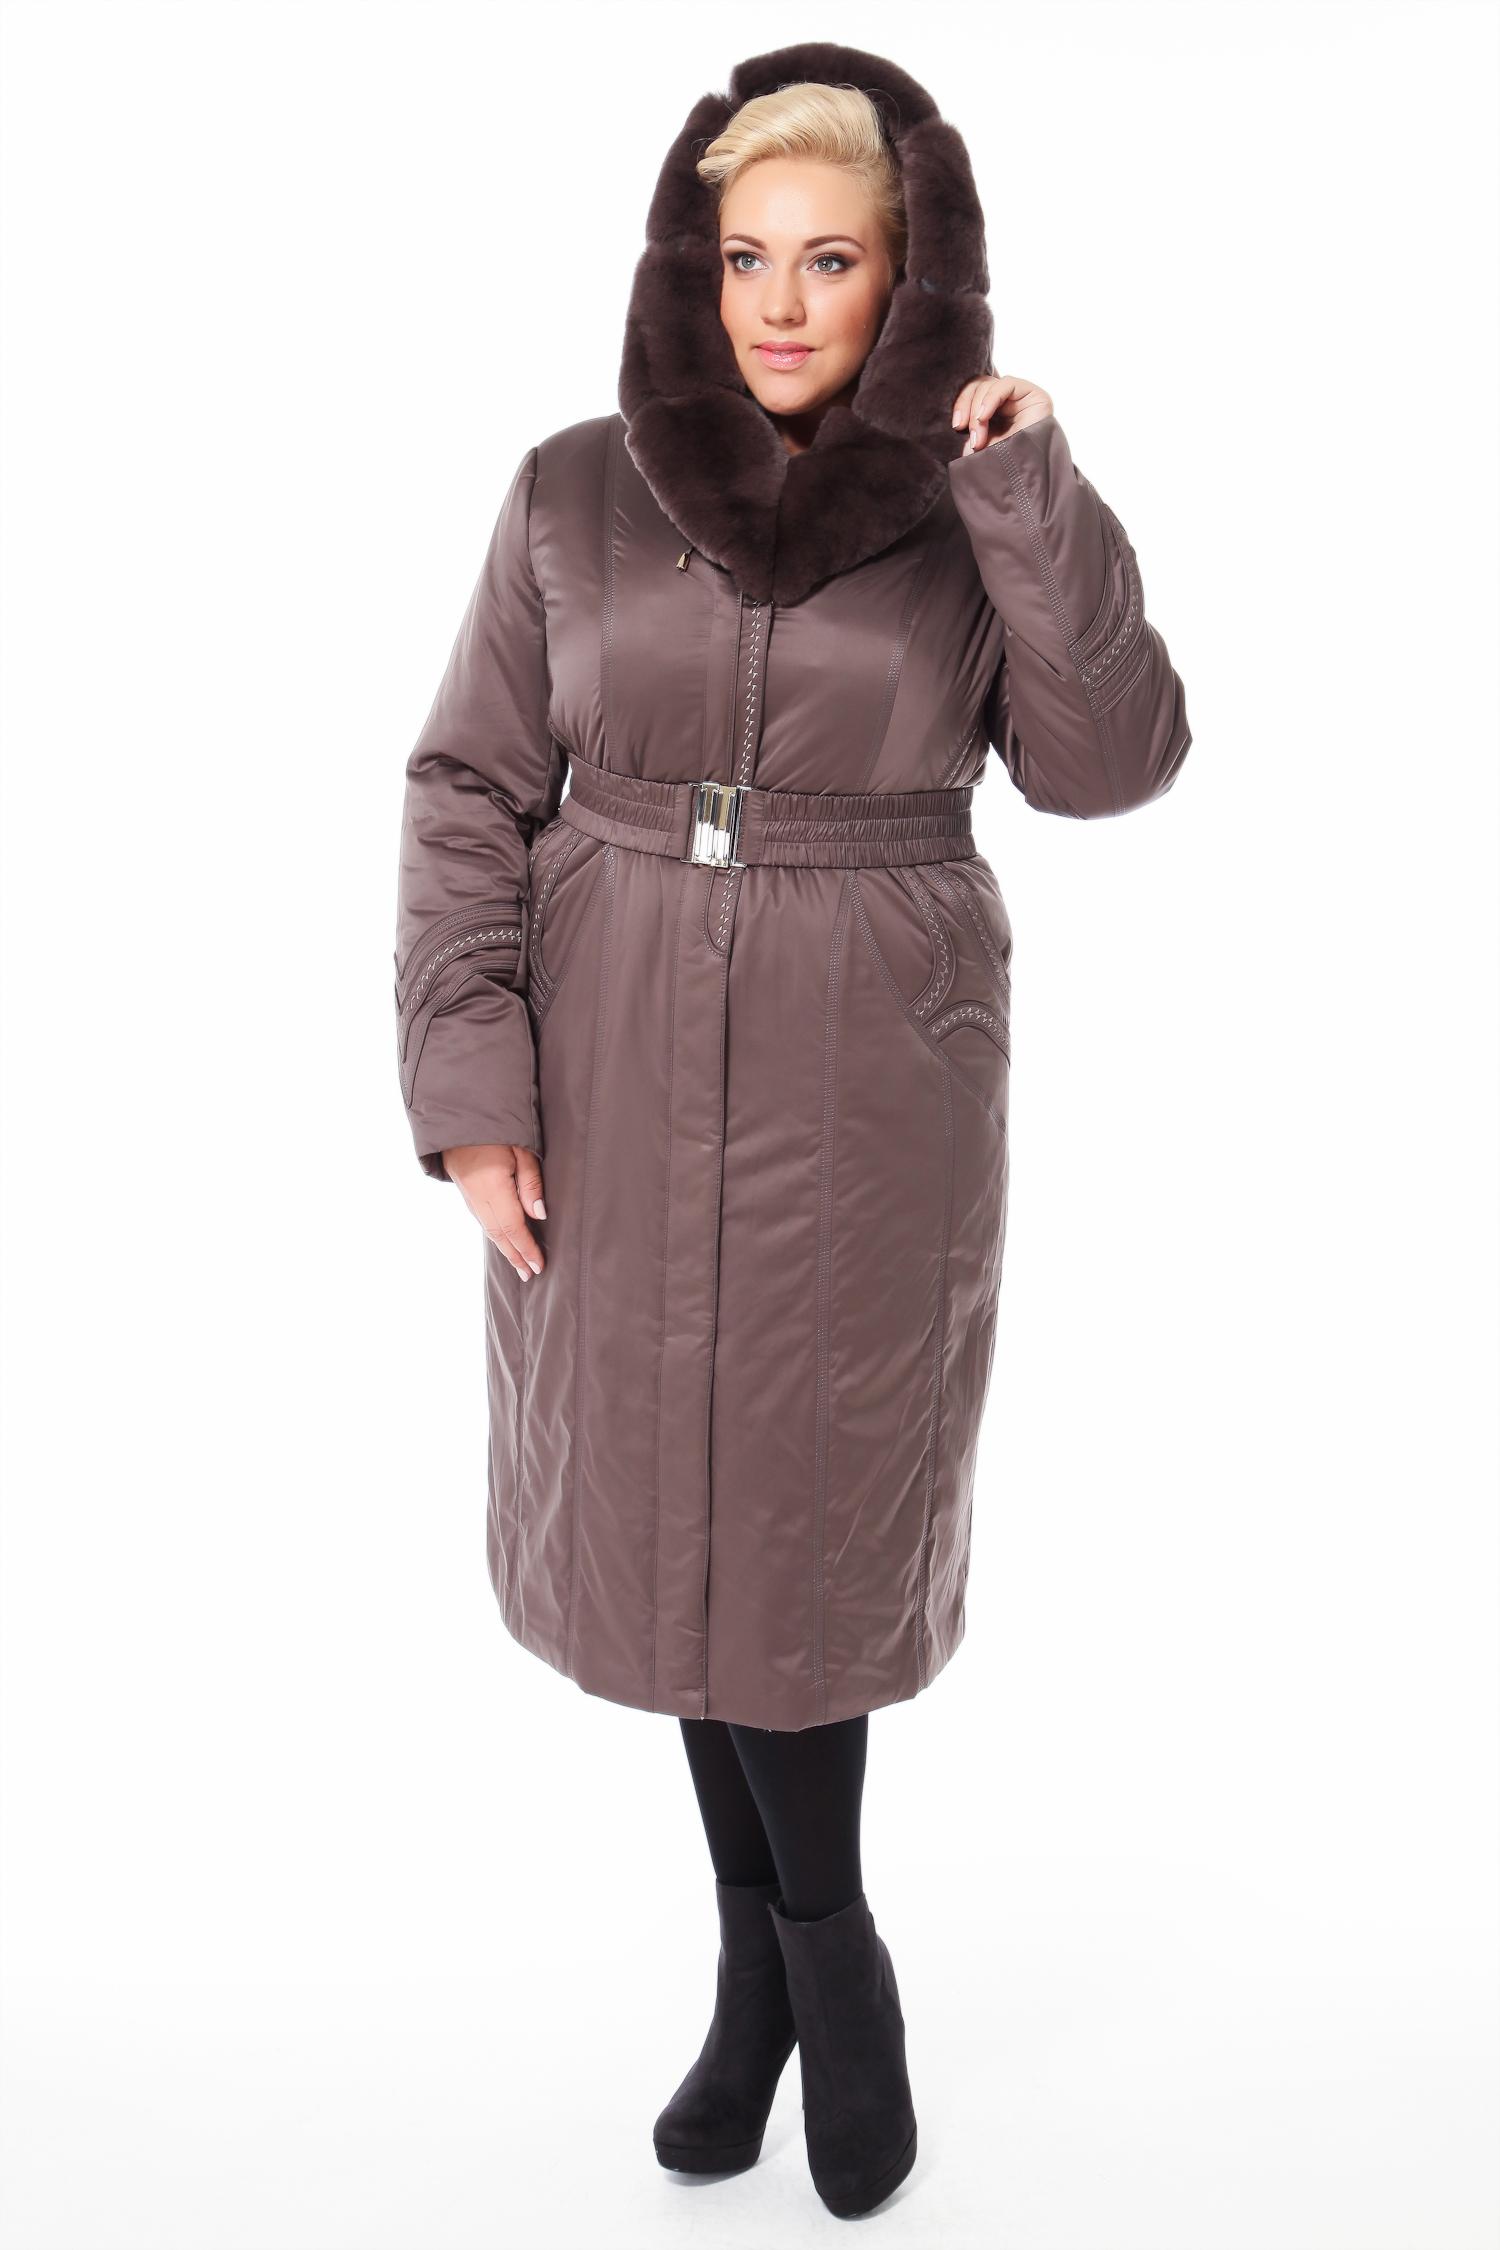 Пальто на меху с капюшоном, отделка кролик от Московская Меховая Компания